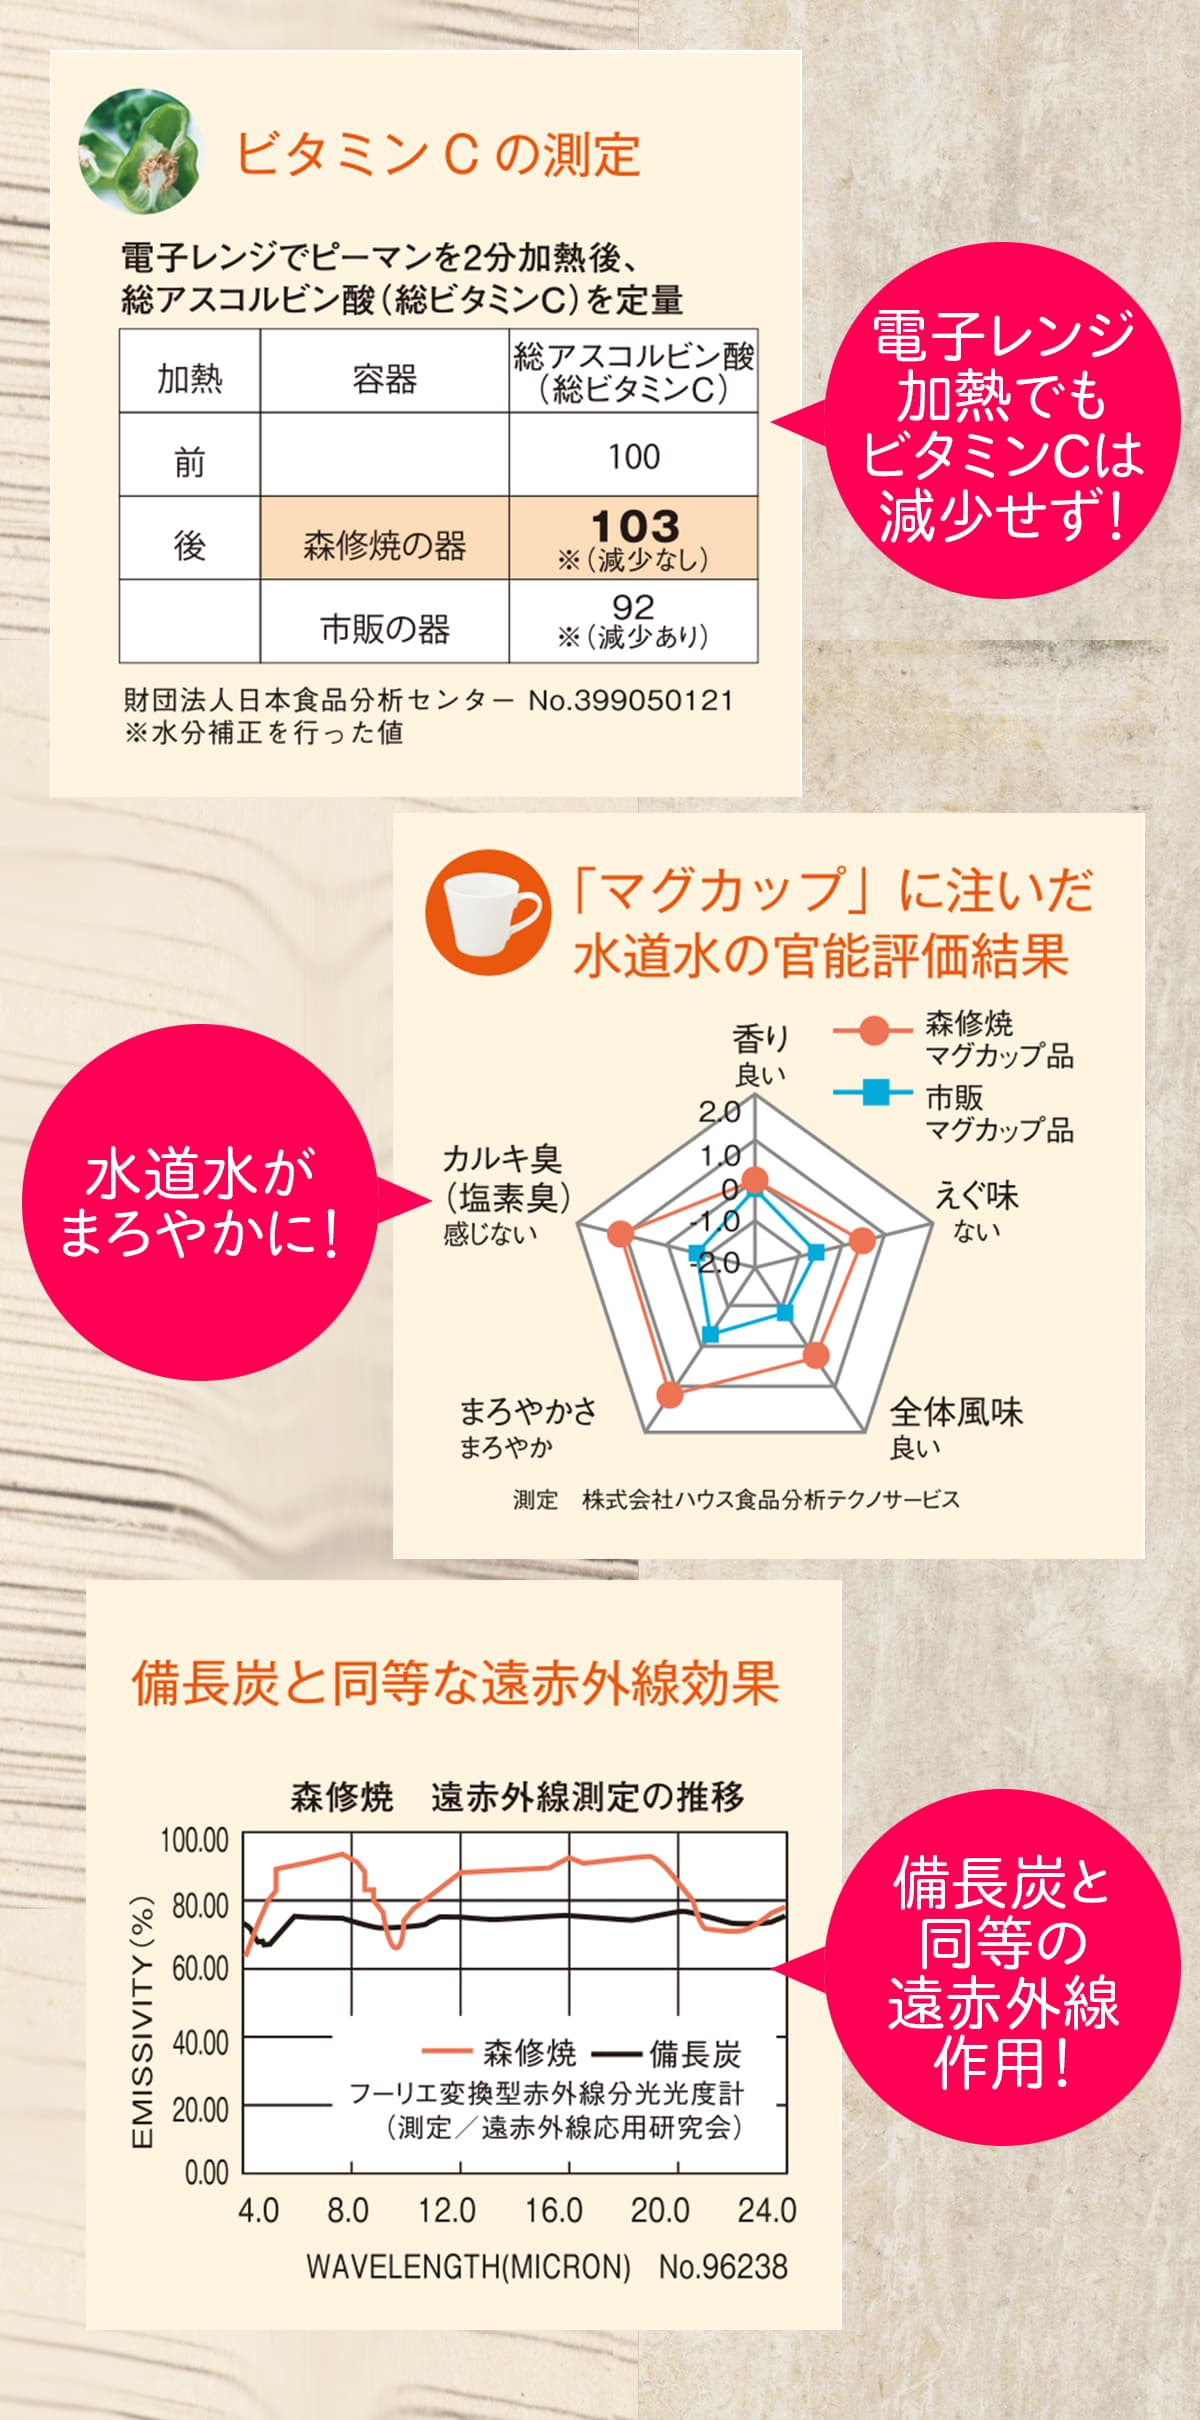 「森修焼セラミック」オンラインコミュニティ